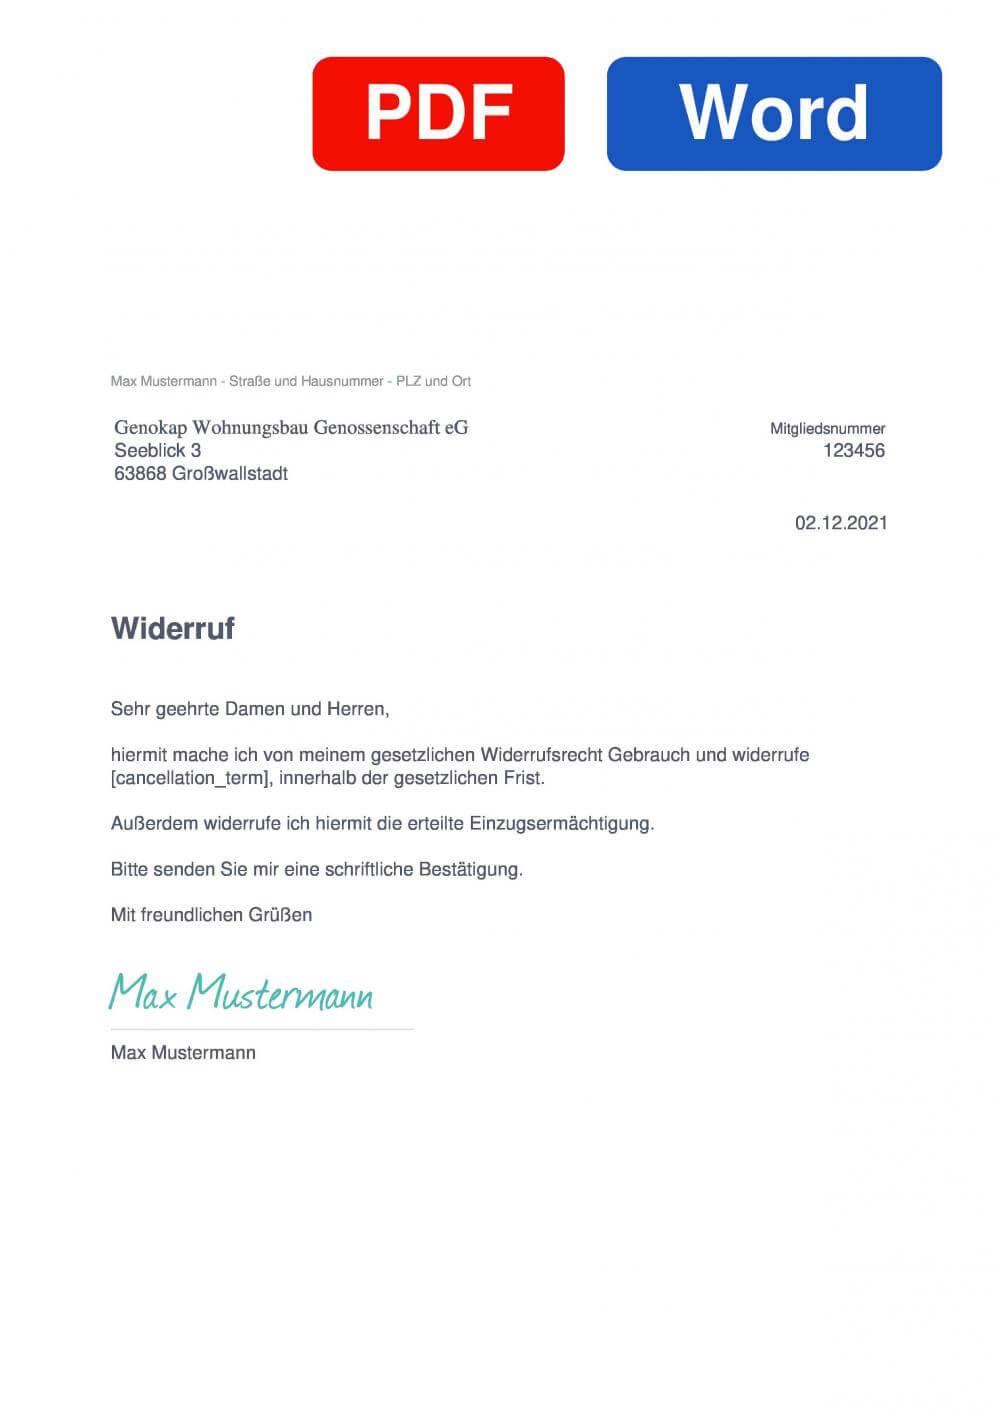 Genokap Wohnungsbaugenossenschaft eG Muster Vorlage für Wiederrufsschreiben